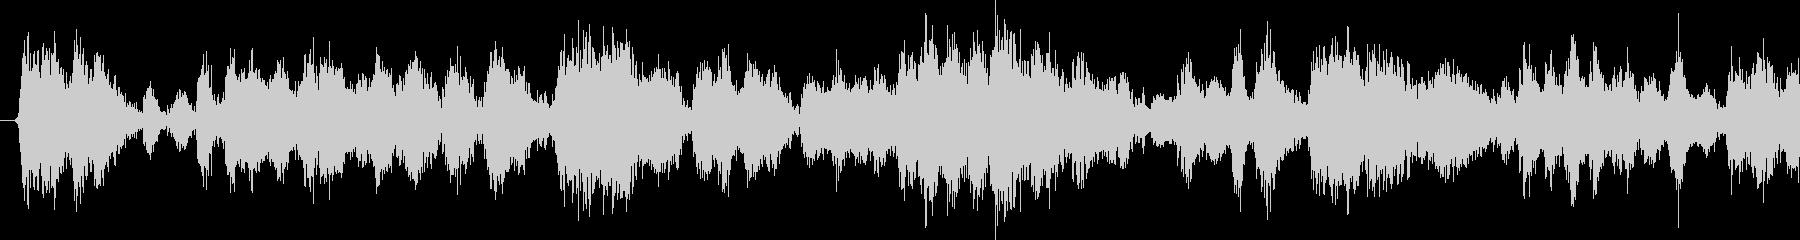 ウッドインパクトループの未再生の波形